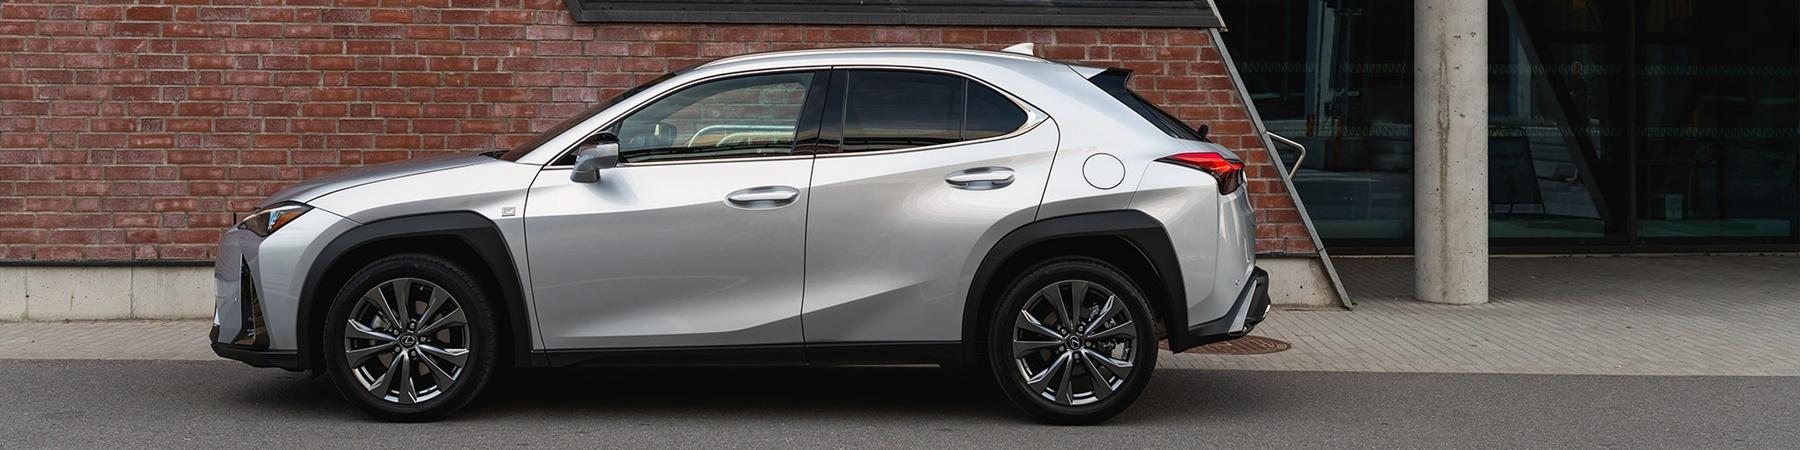 Lexus UX 54.3kWh 268 km actieradius